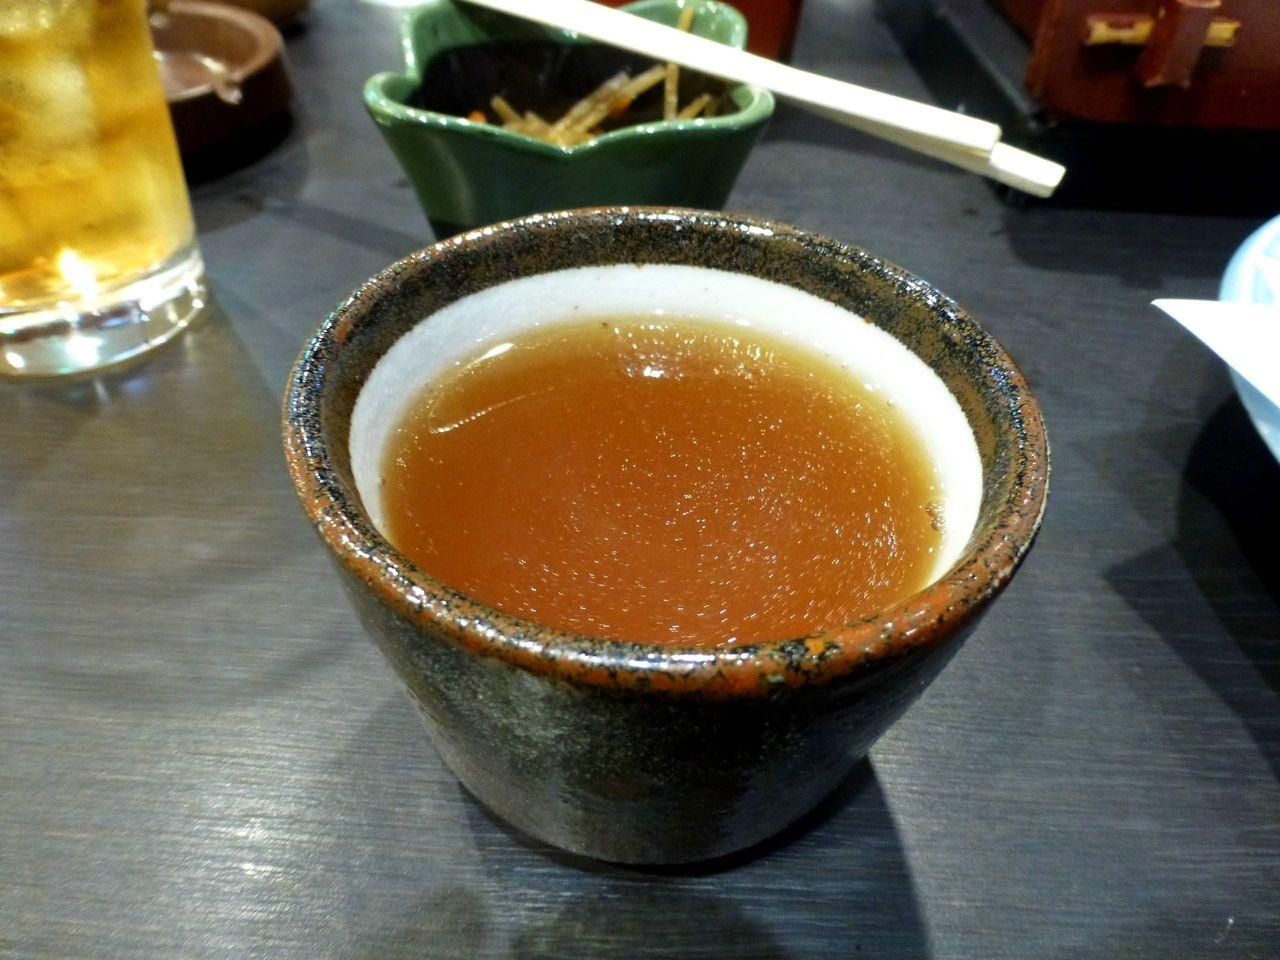 蕎麦つゆに蕎麦湯を加えると、ダシの良い香りが広がります!